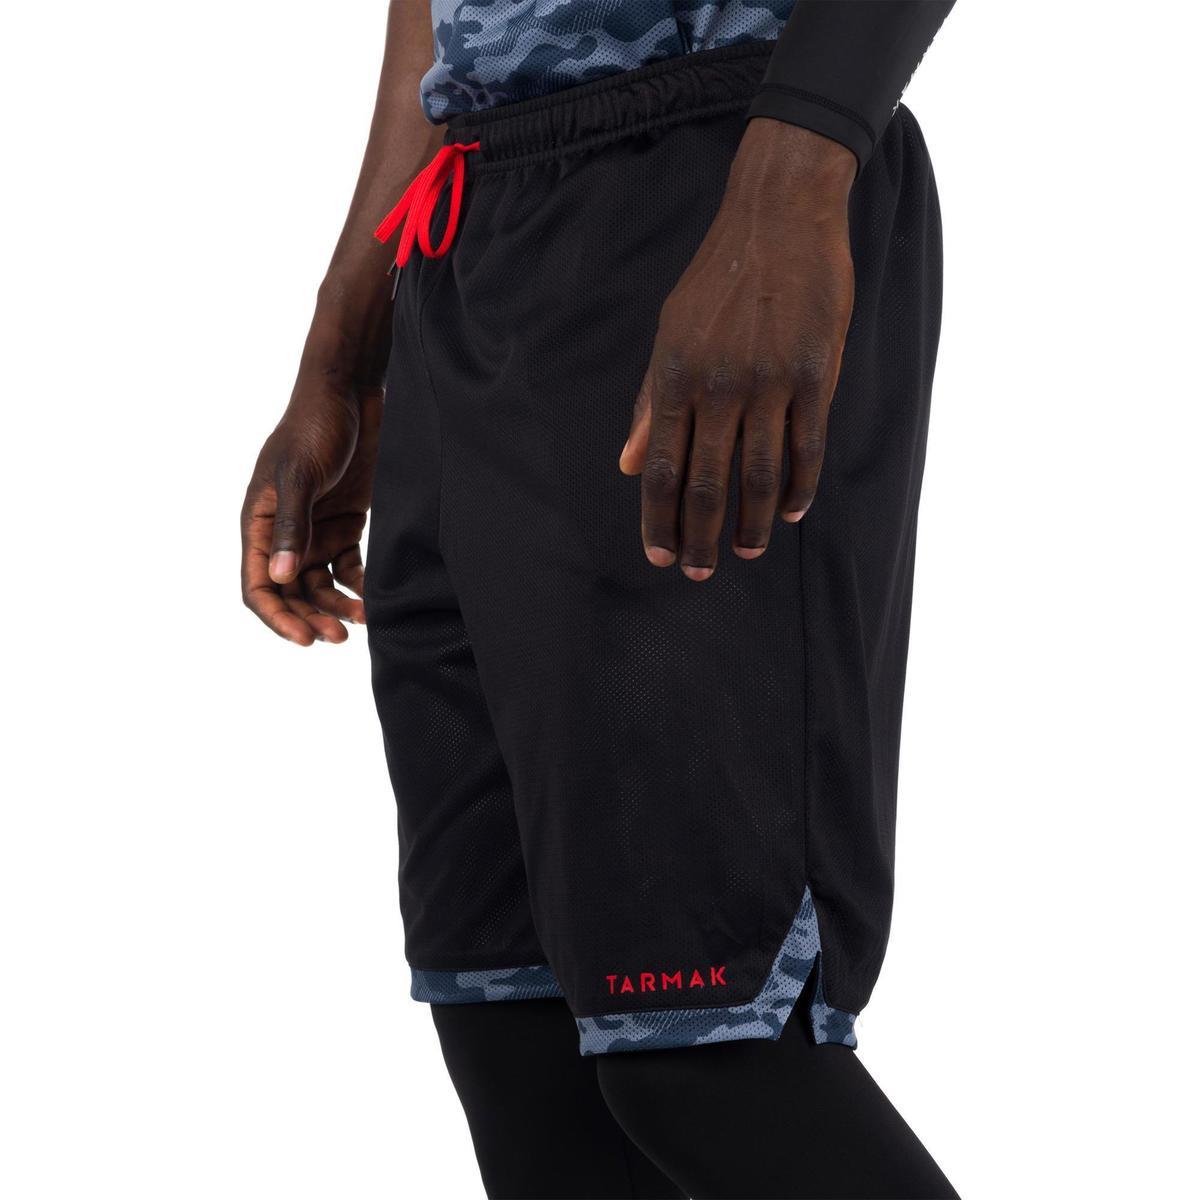 Bild 4 von Basketball Wendeshorts Herren schwarz/camouflage grau